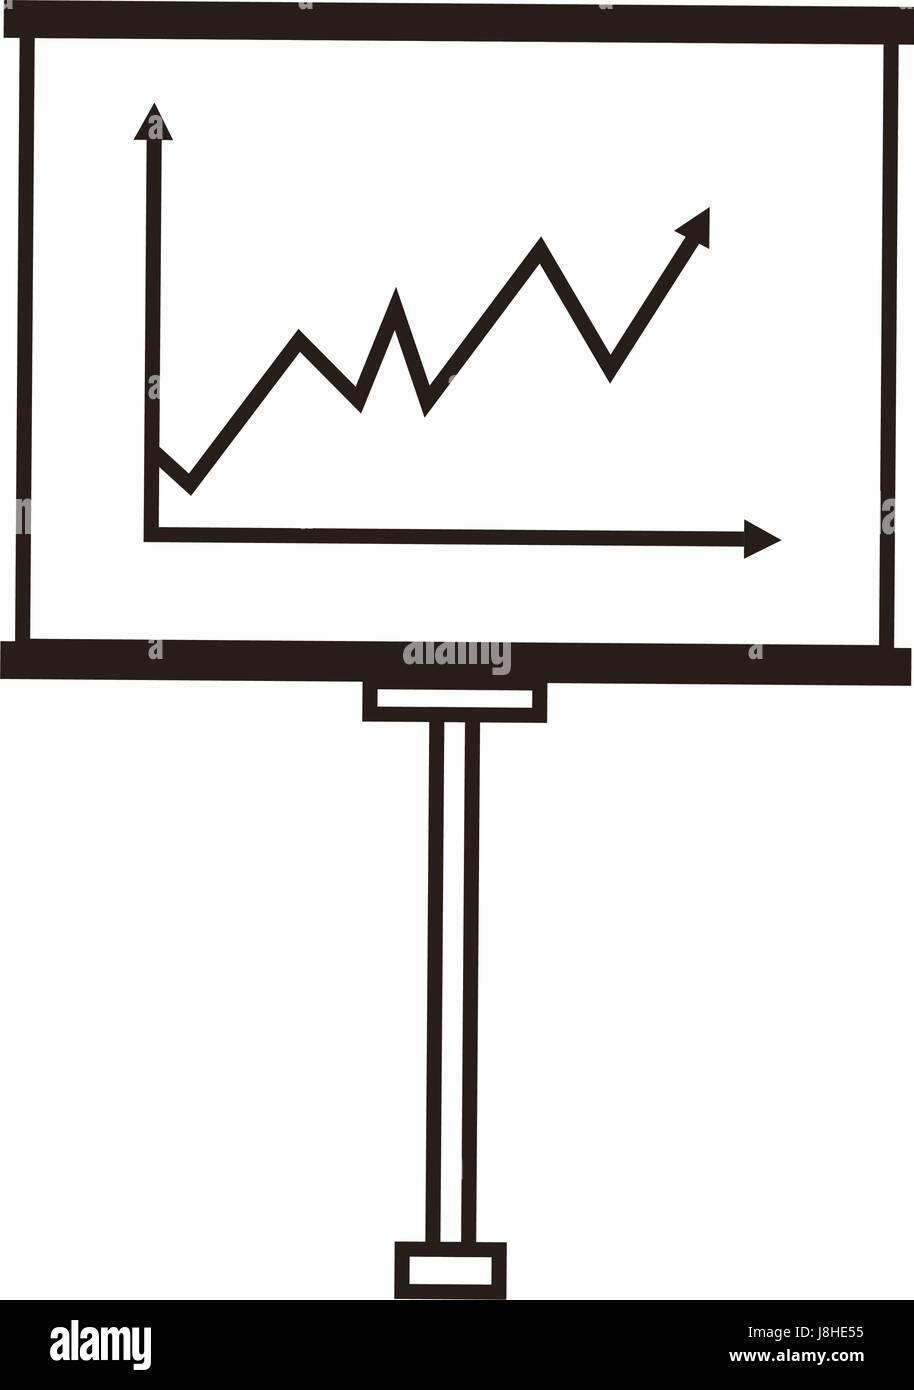 Nett Board Diagramm Zeitgenössisch - Die Besten Elektrischen ...